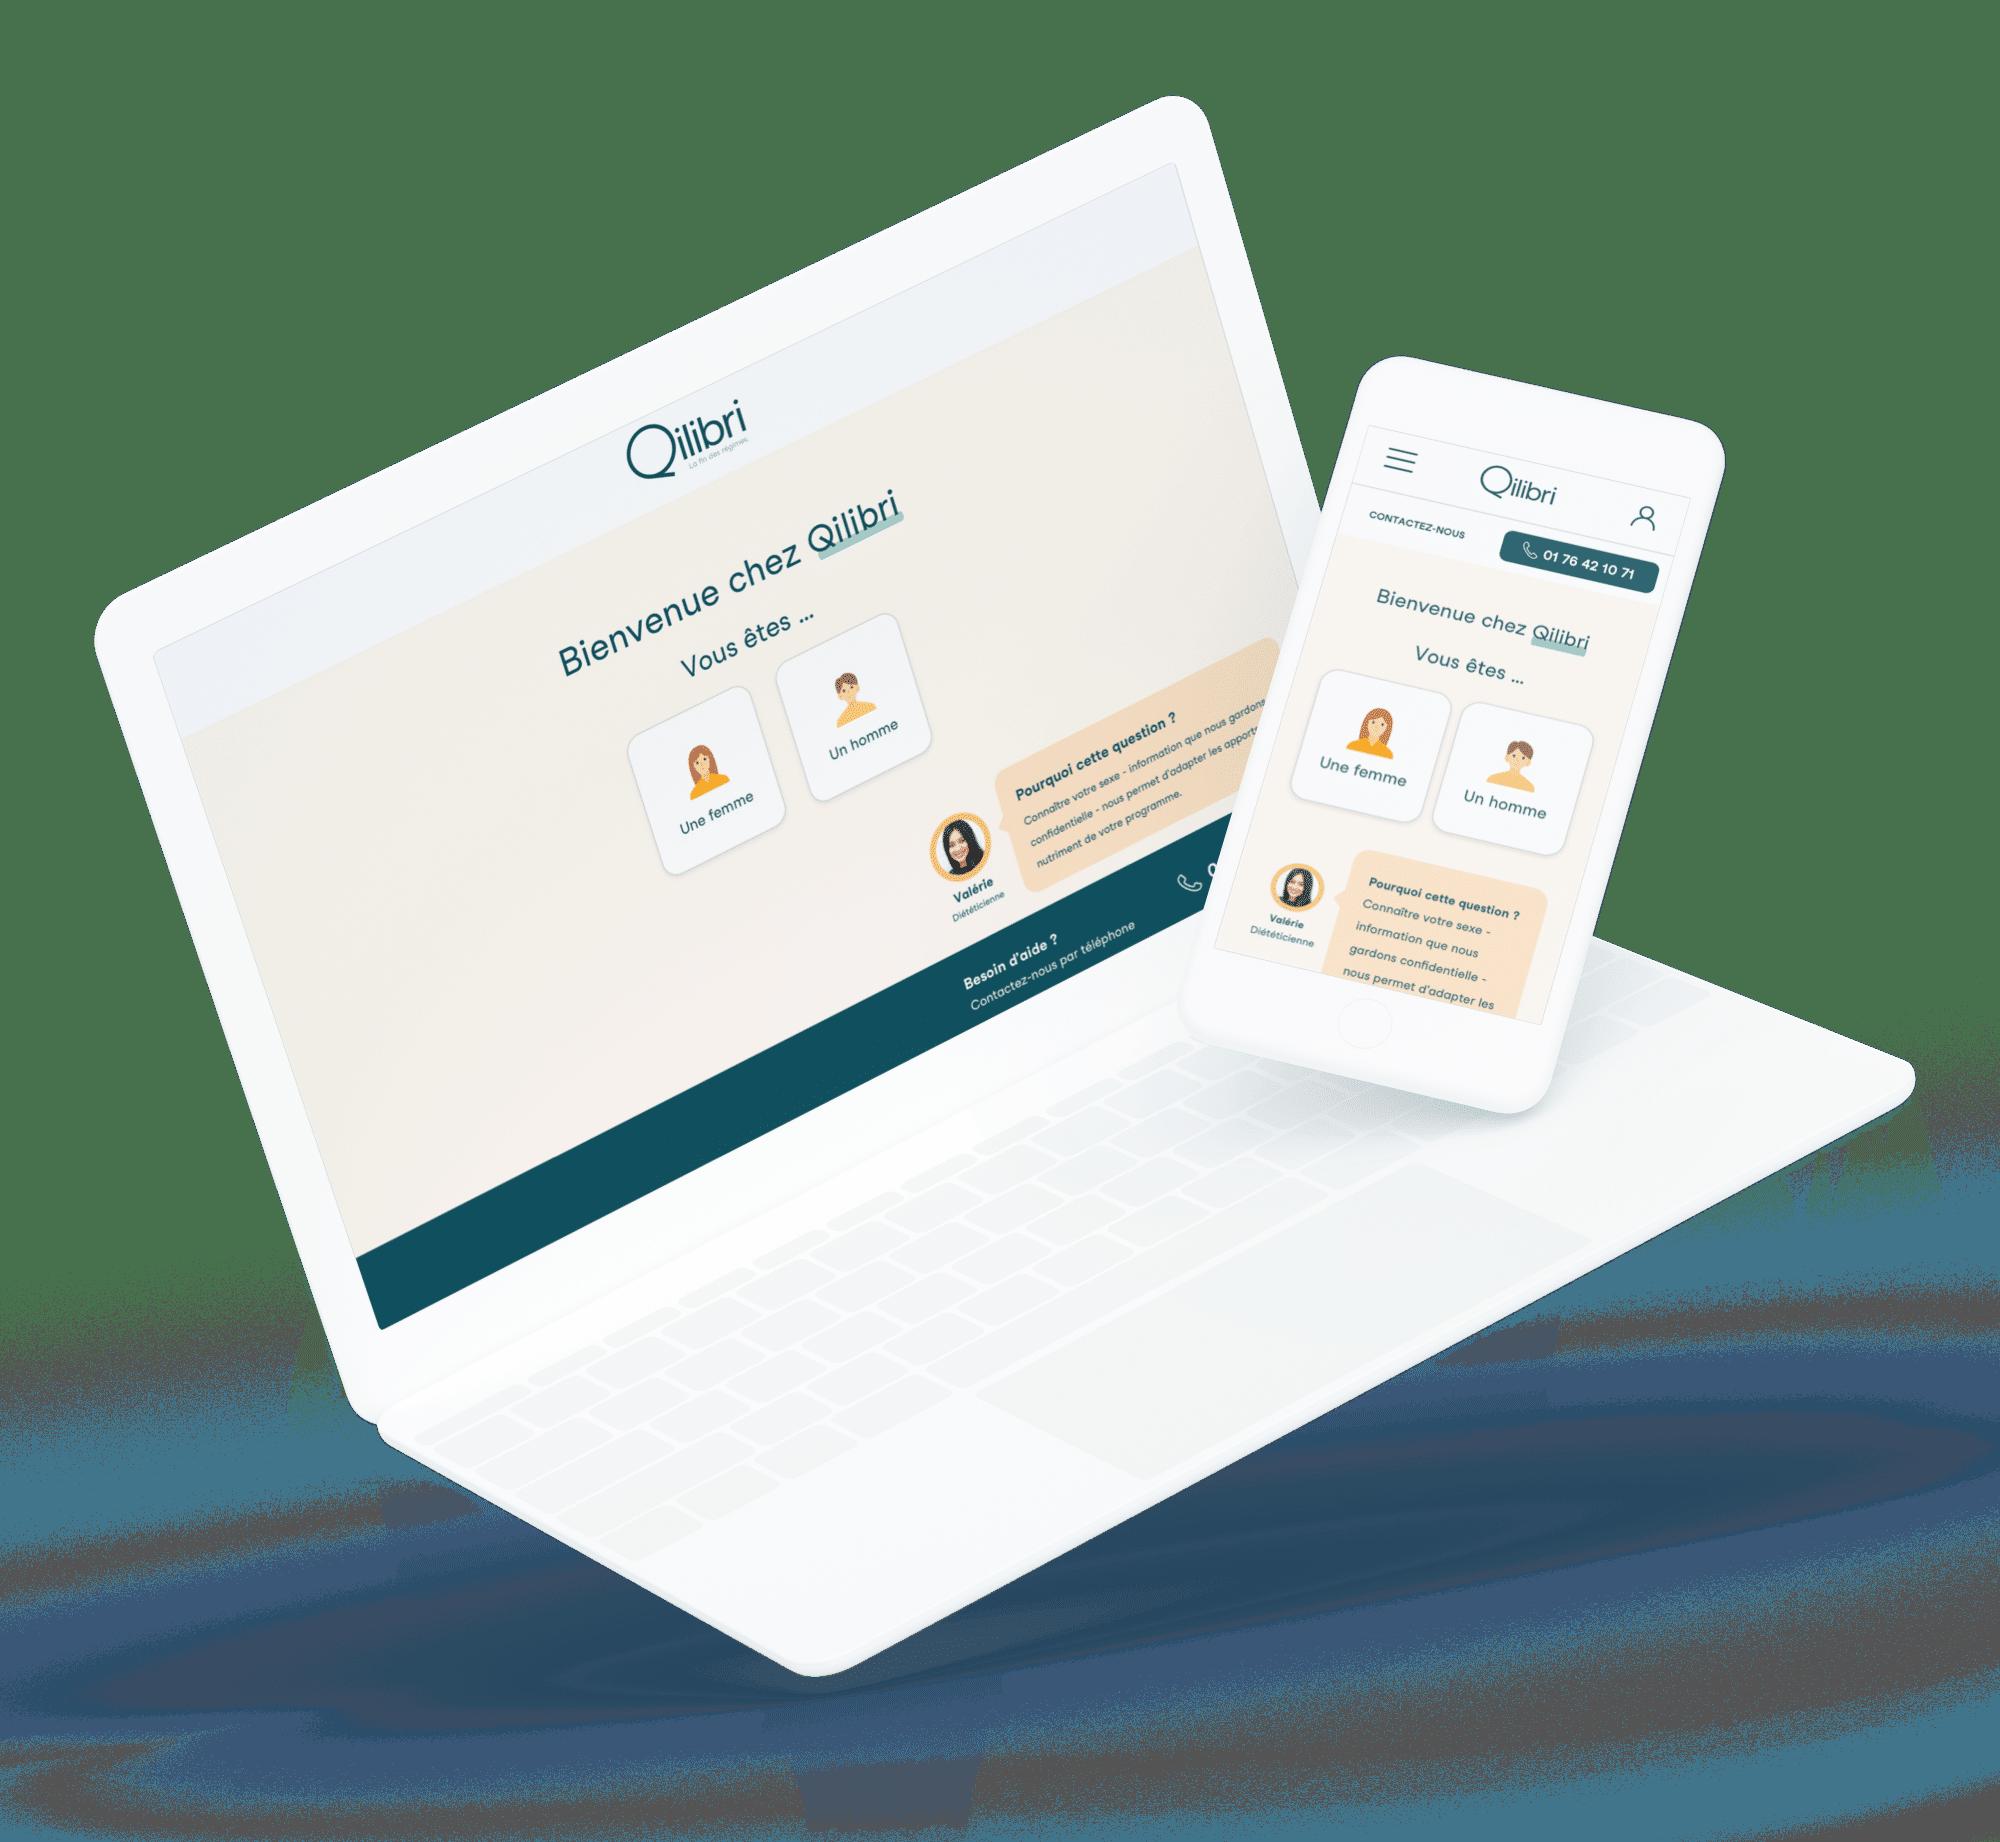 Qilibri (Parcours de vente) - Site desktop et mobile